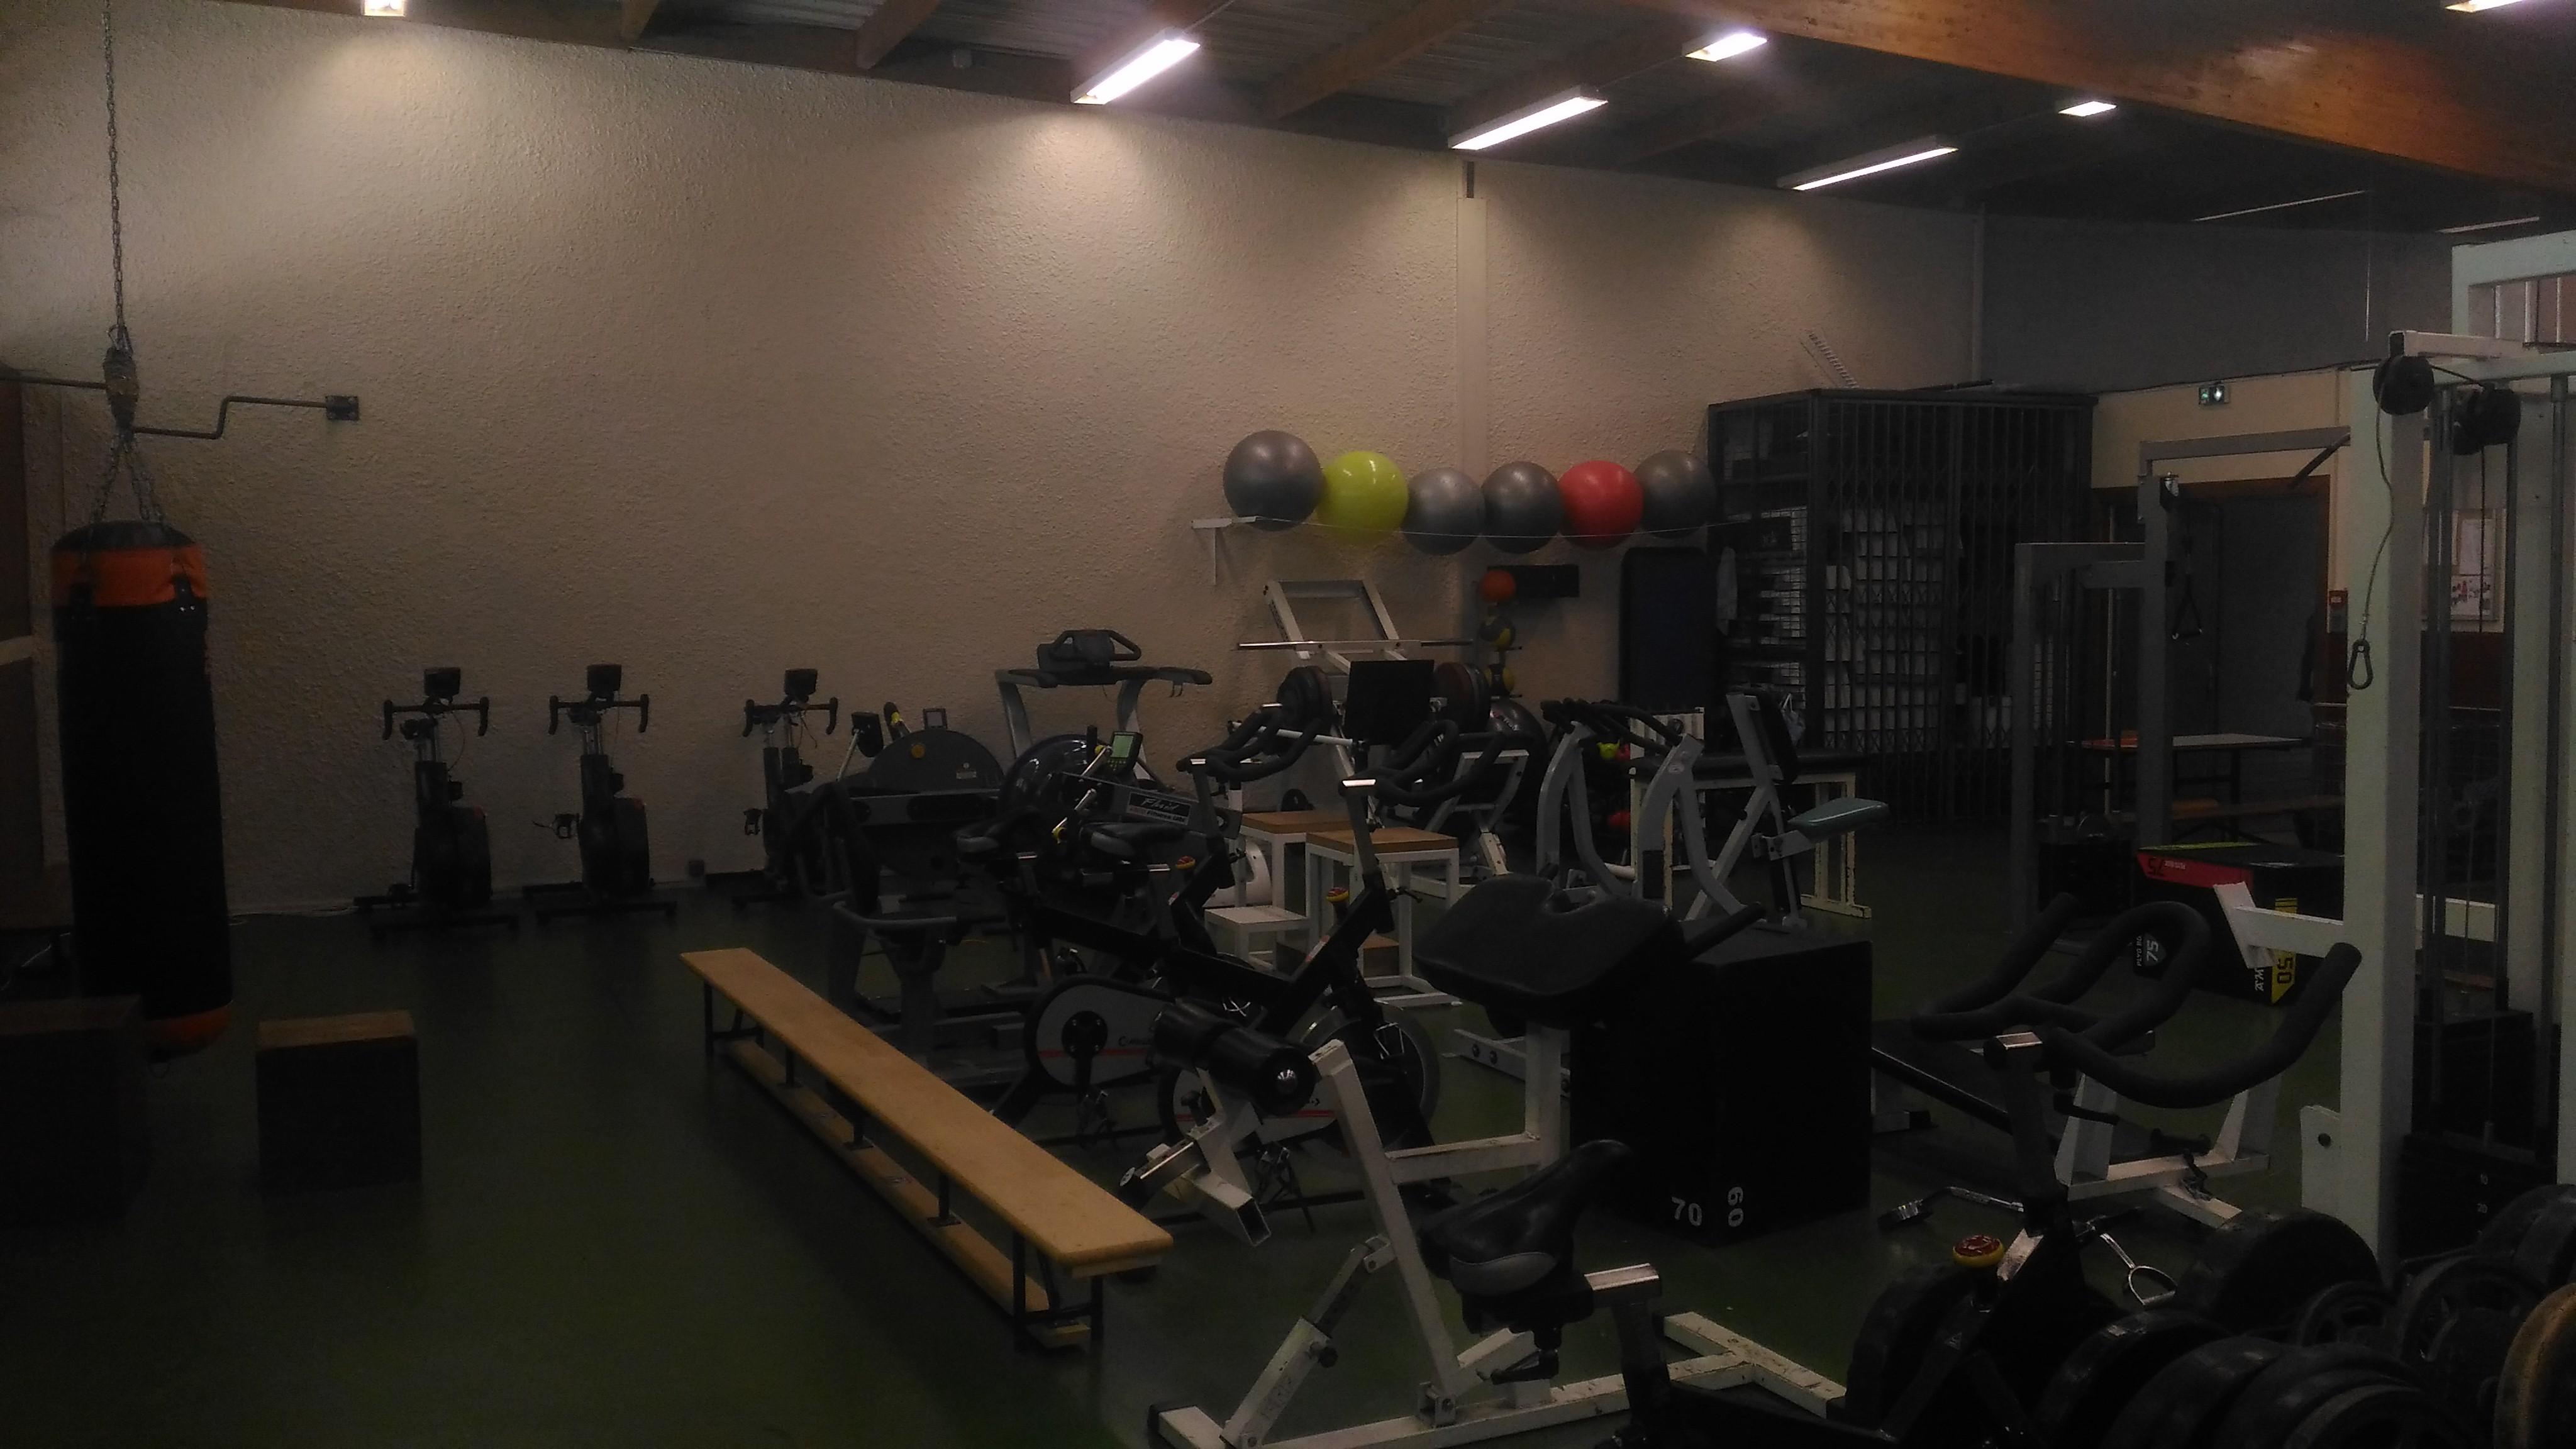 Salle De Musculation De L Ufrstaps Siuaps De Lyon Service